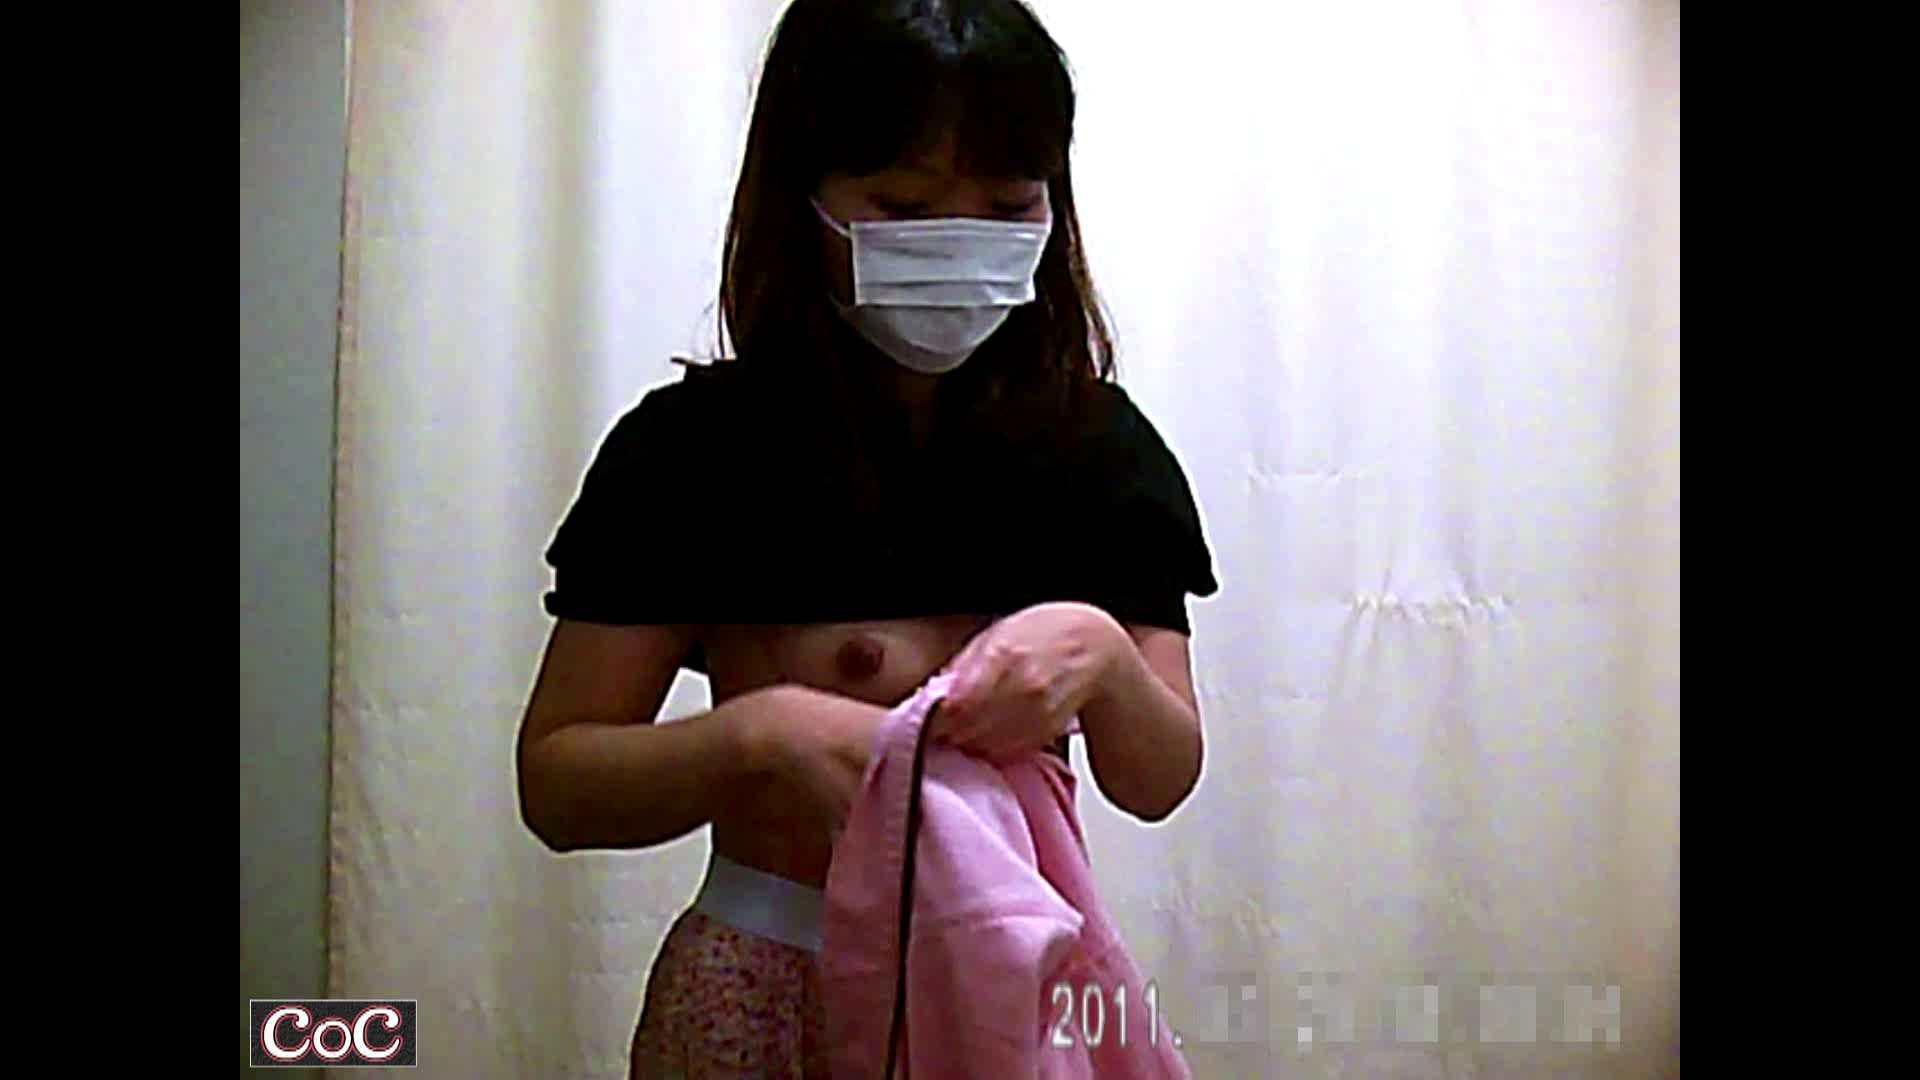 病院おもいっきり着替え! vol.04 乳首 エロ画像 107pic 53